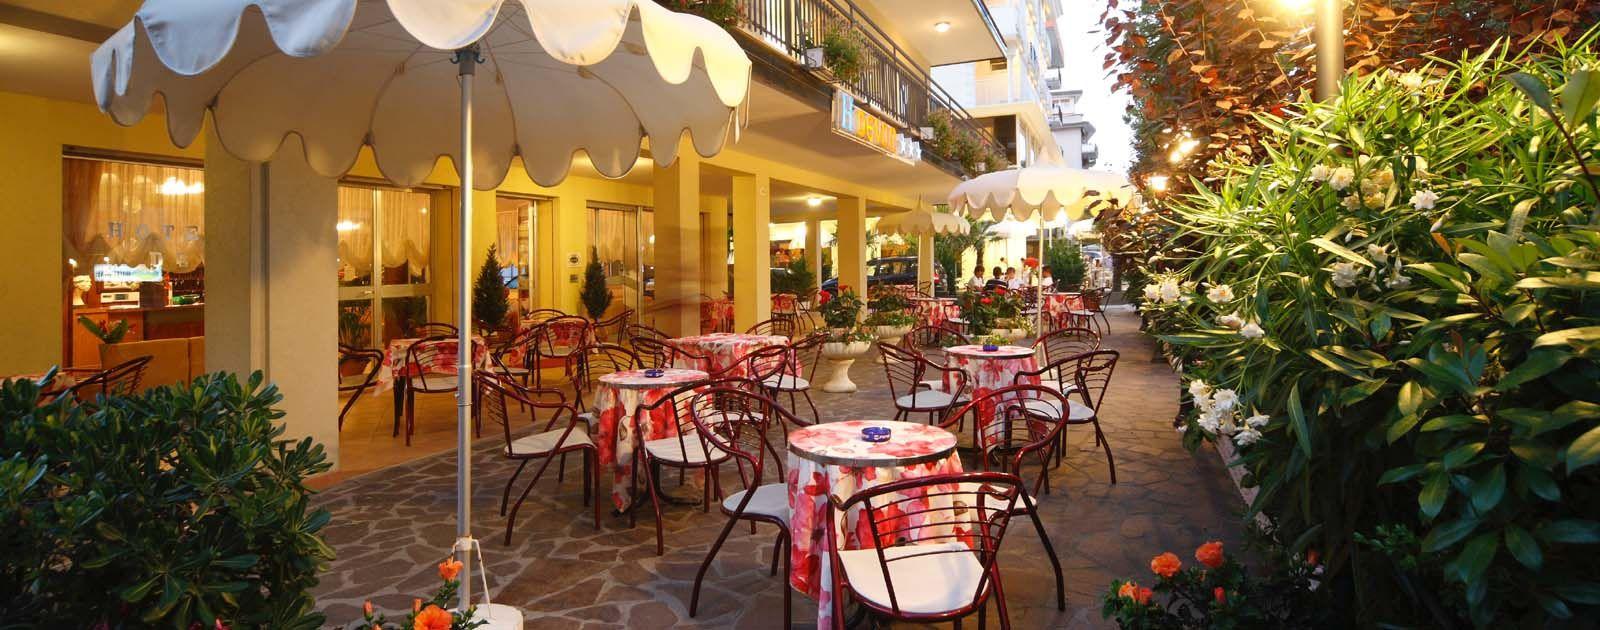 Hotel cesenatico hotel cesenatico 3 stelle - Bagno adriatico cesenatico ...